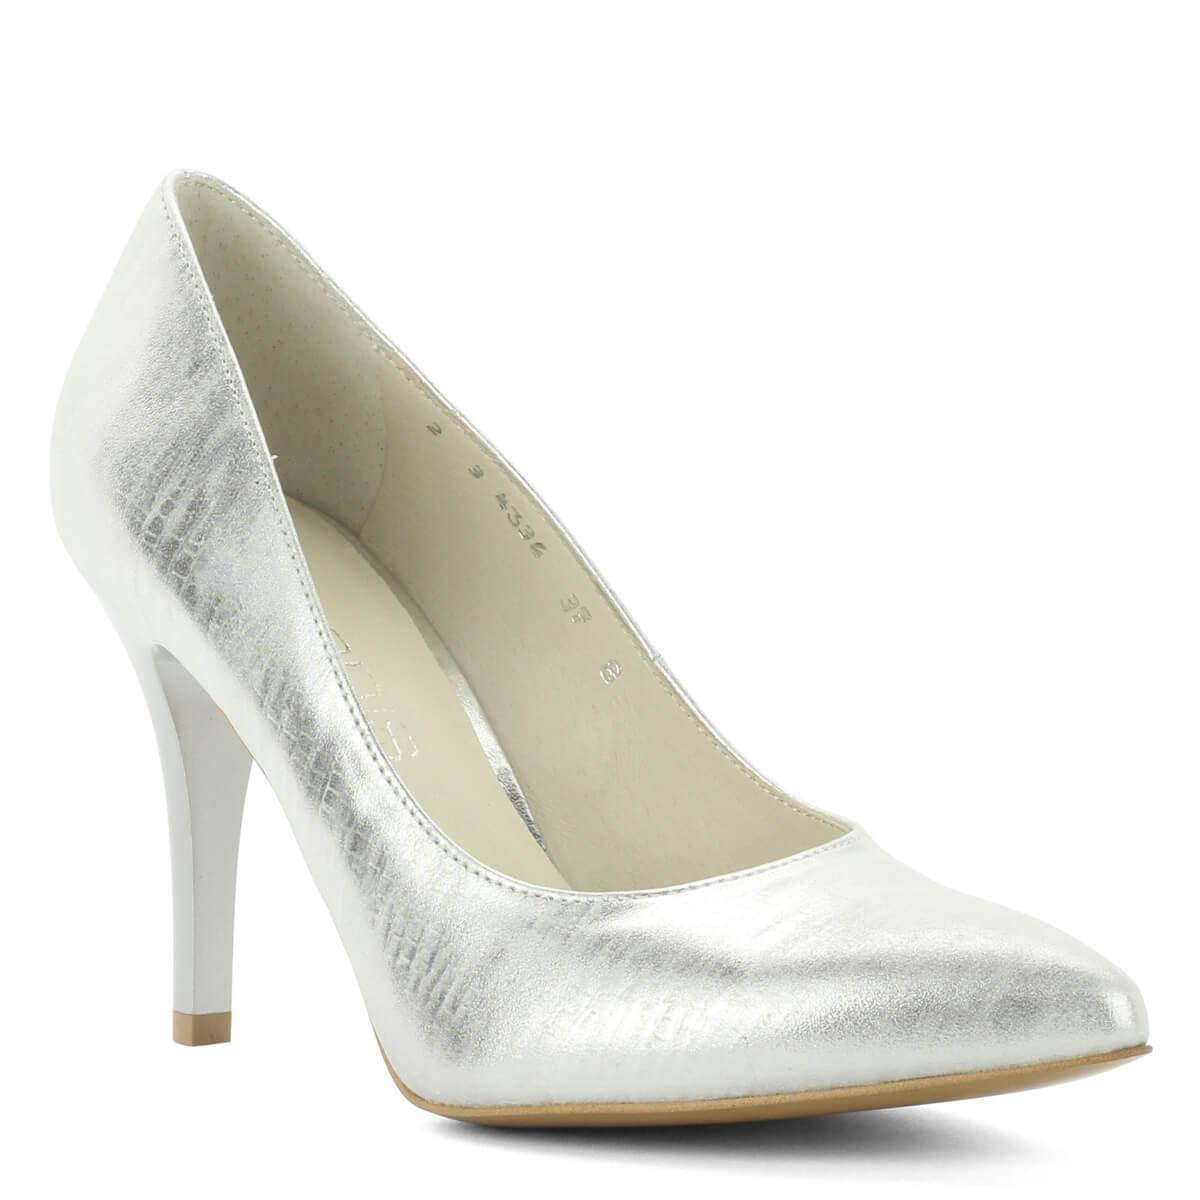 29a09b7136fd Ezüst Anis magas sarkú cipő mintás bőr felsőrésszel. Bélése bőrből készült,  sarka 9 cm magas. Elegáns és jó sarokállású bőr cipő.